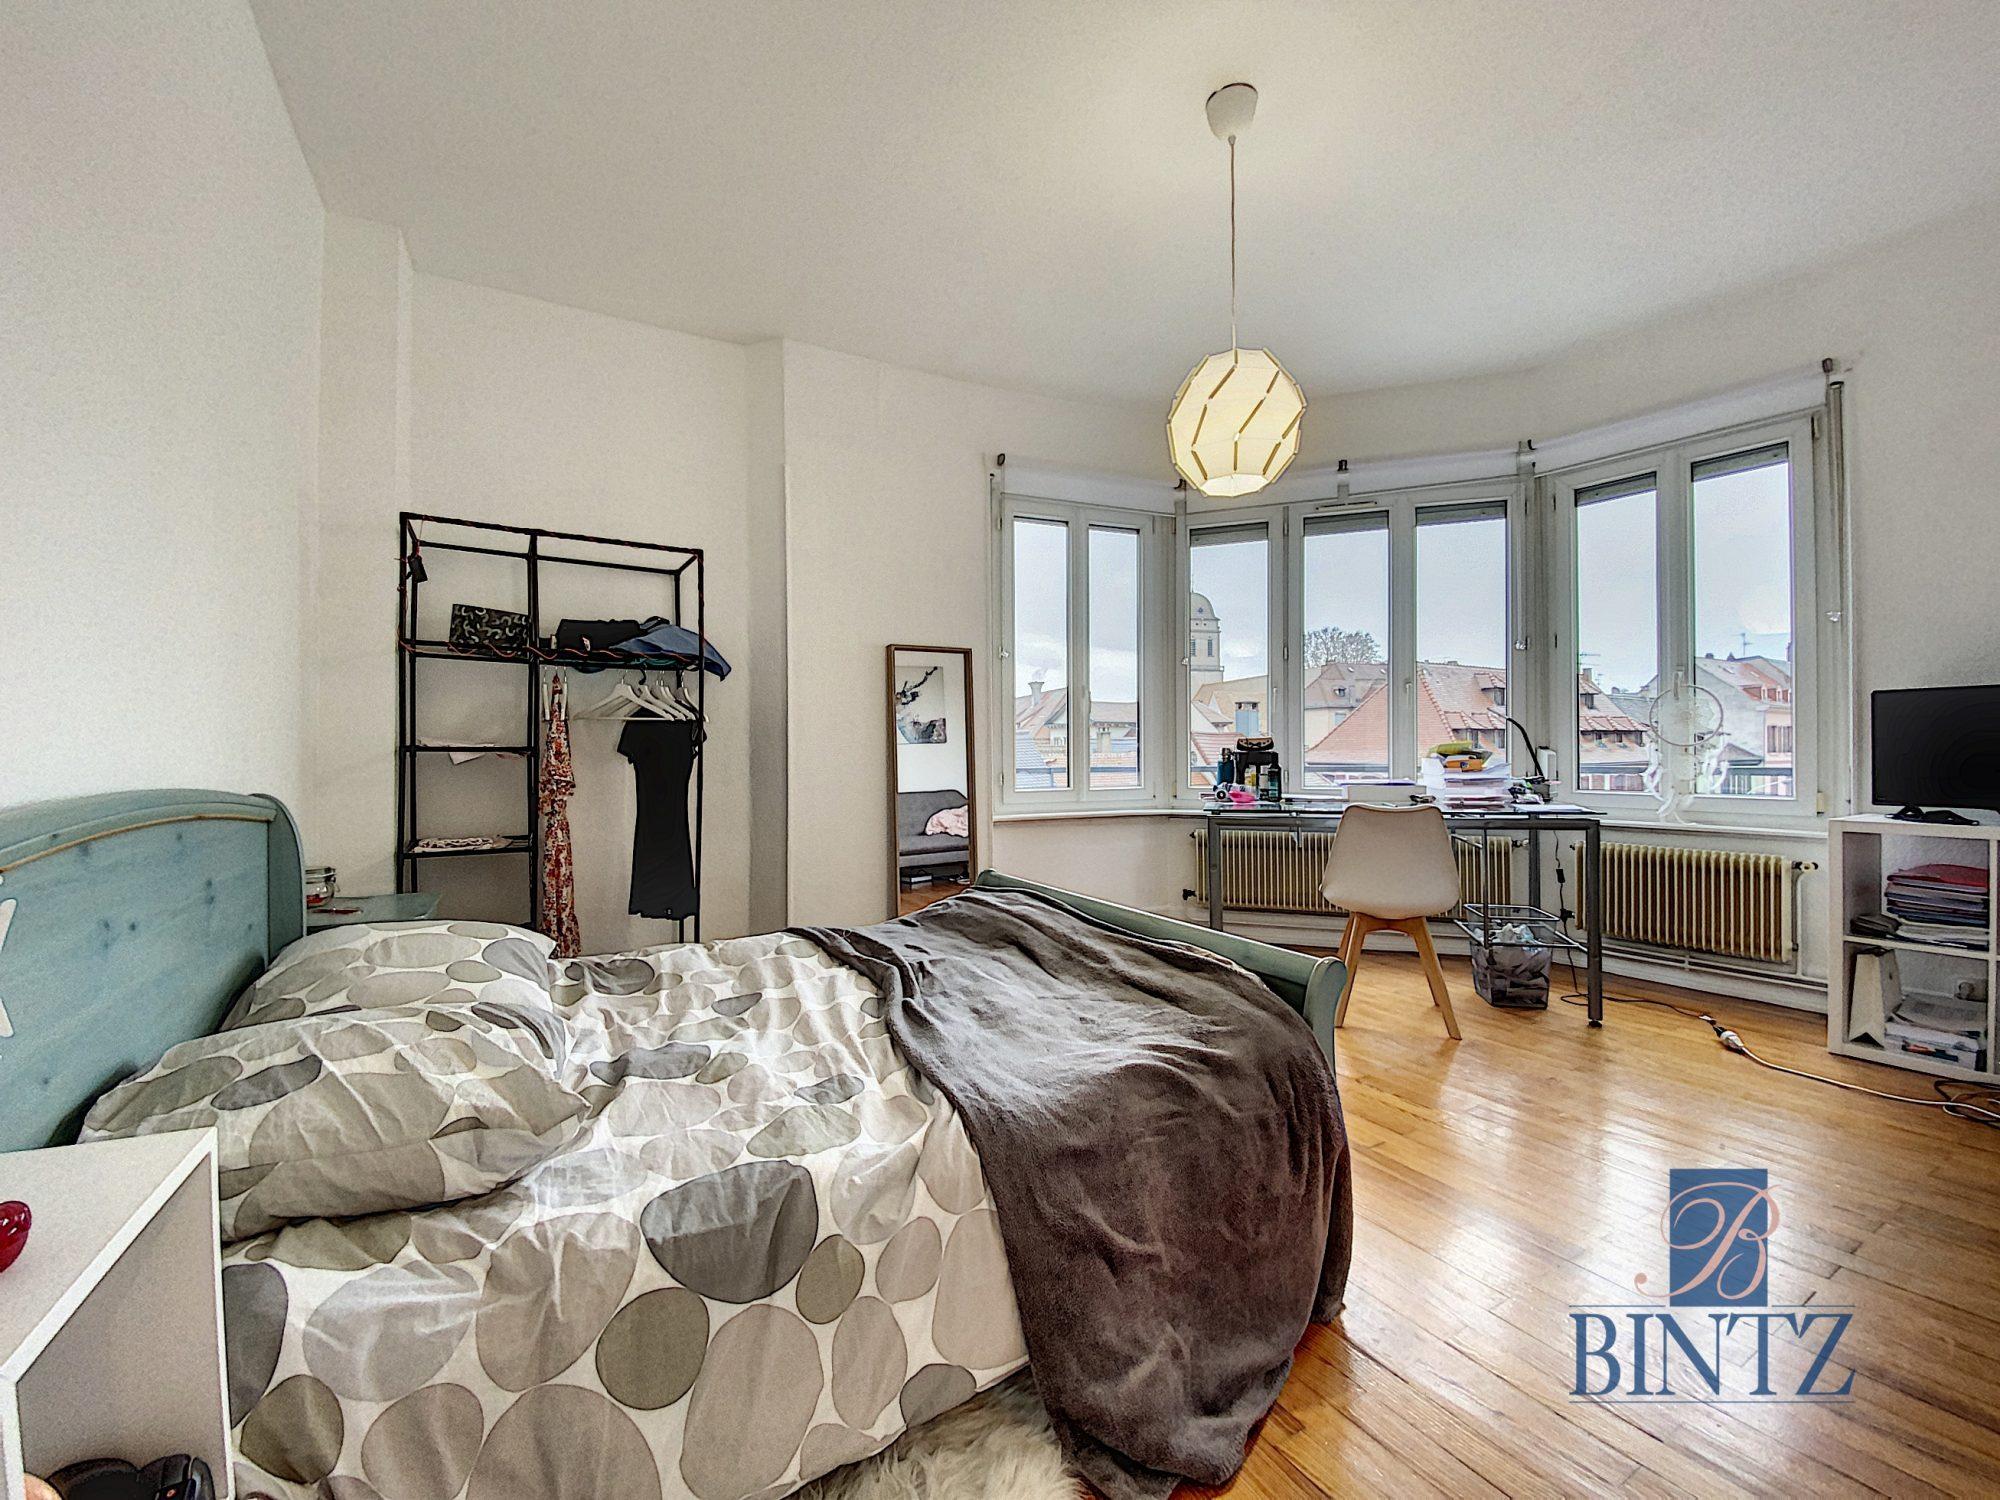 GRAND 1 PIÈCE KRUTENEAU - Devenez locataire en toute sérénité - Bintz Immobilier - 2